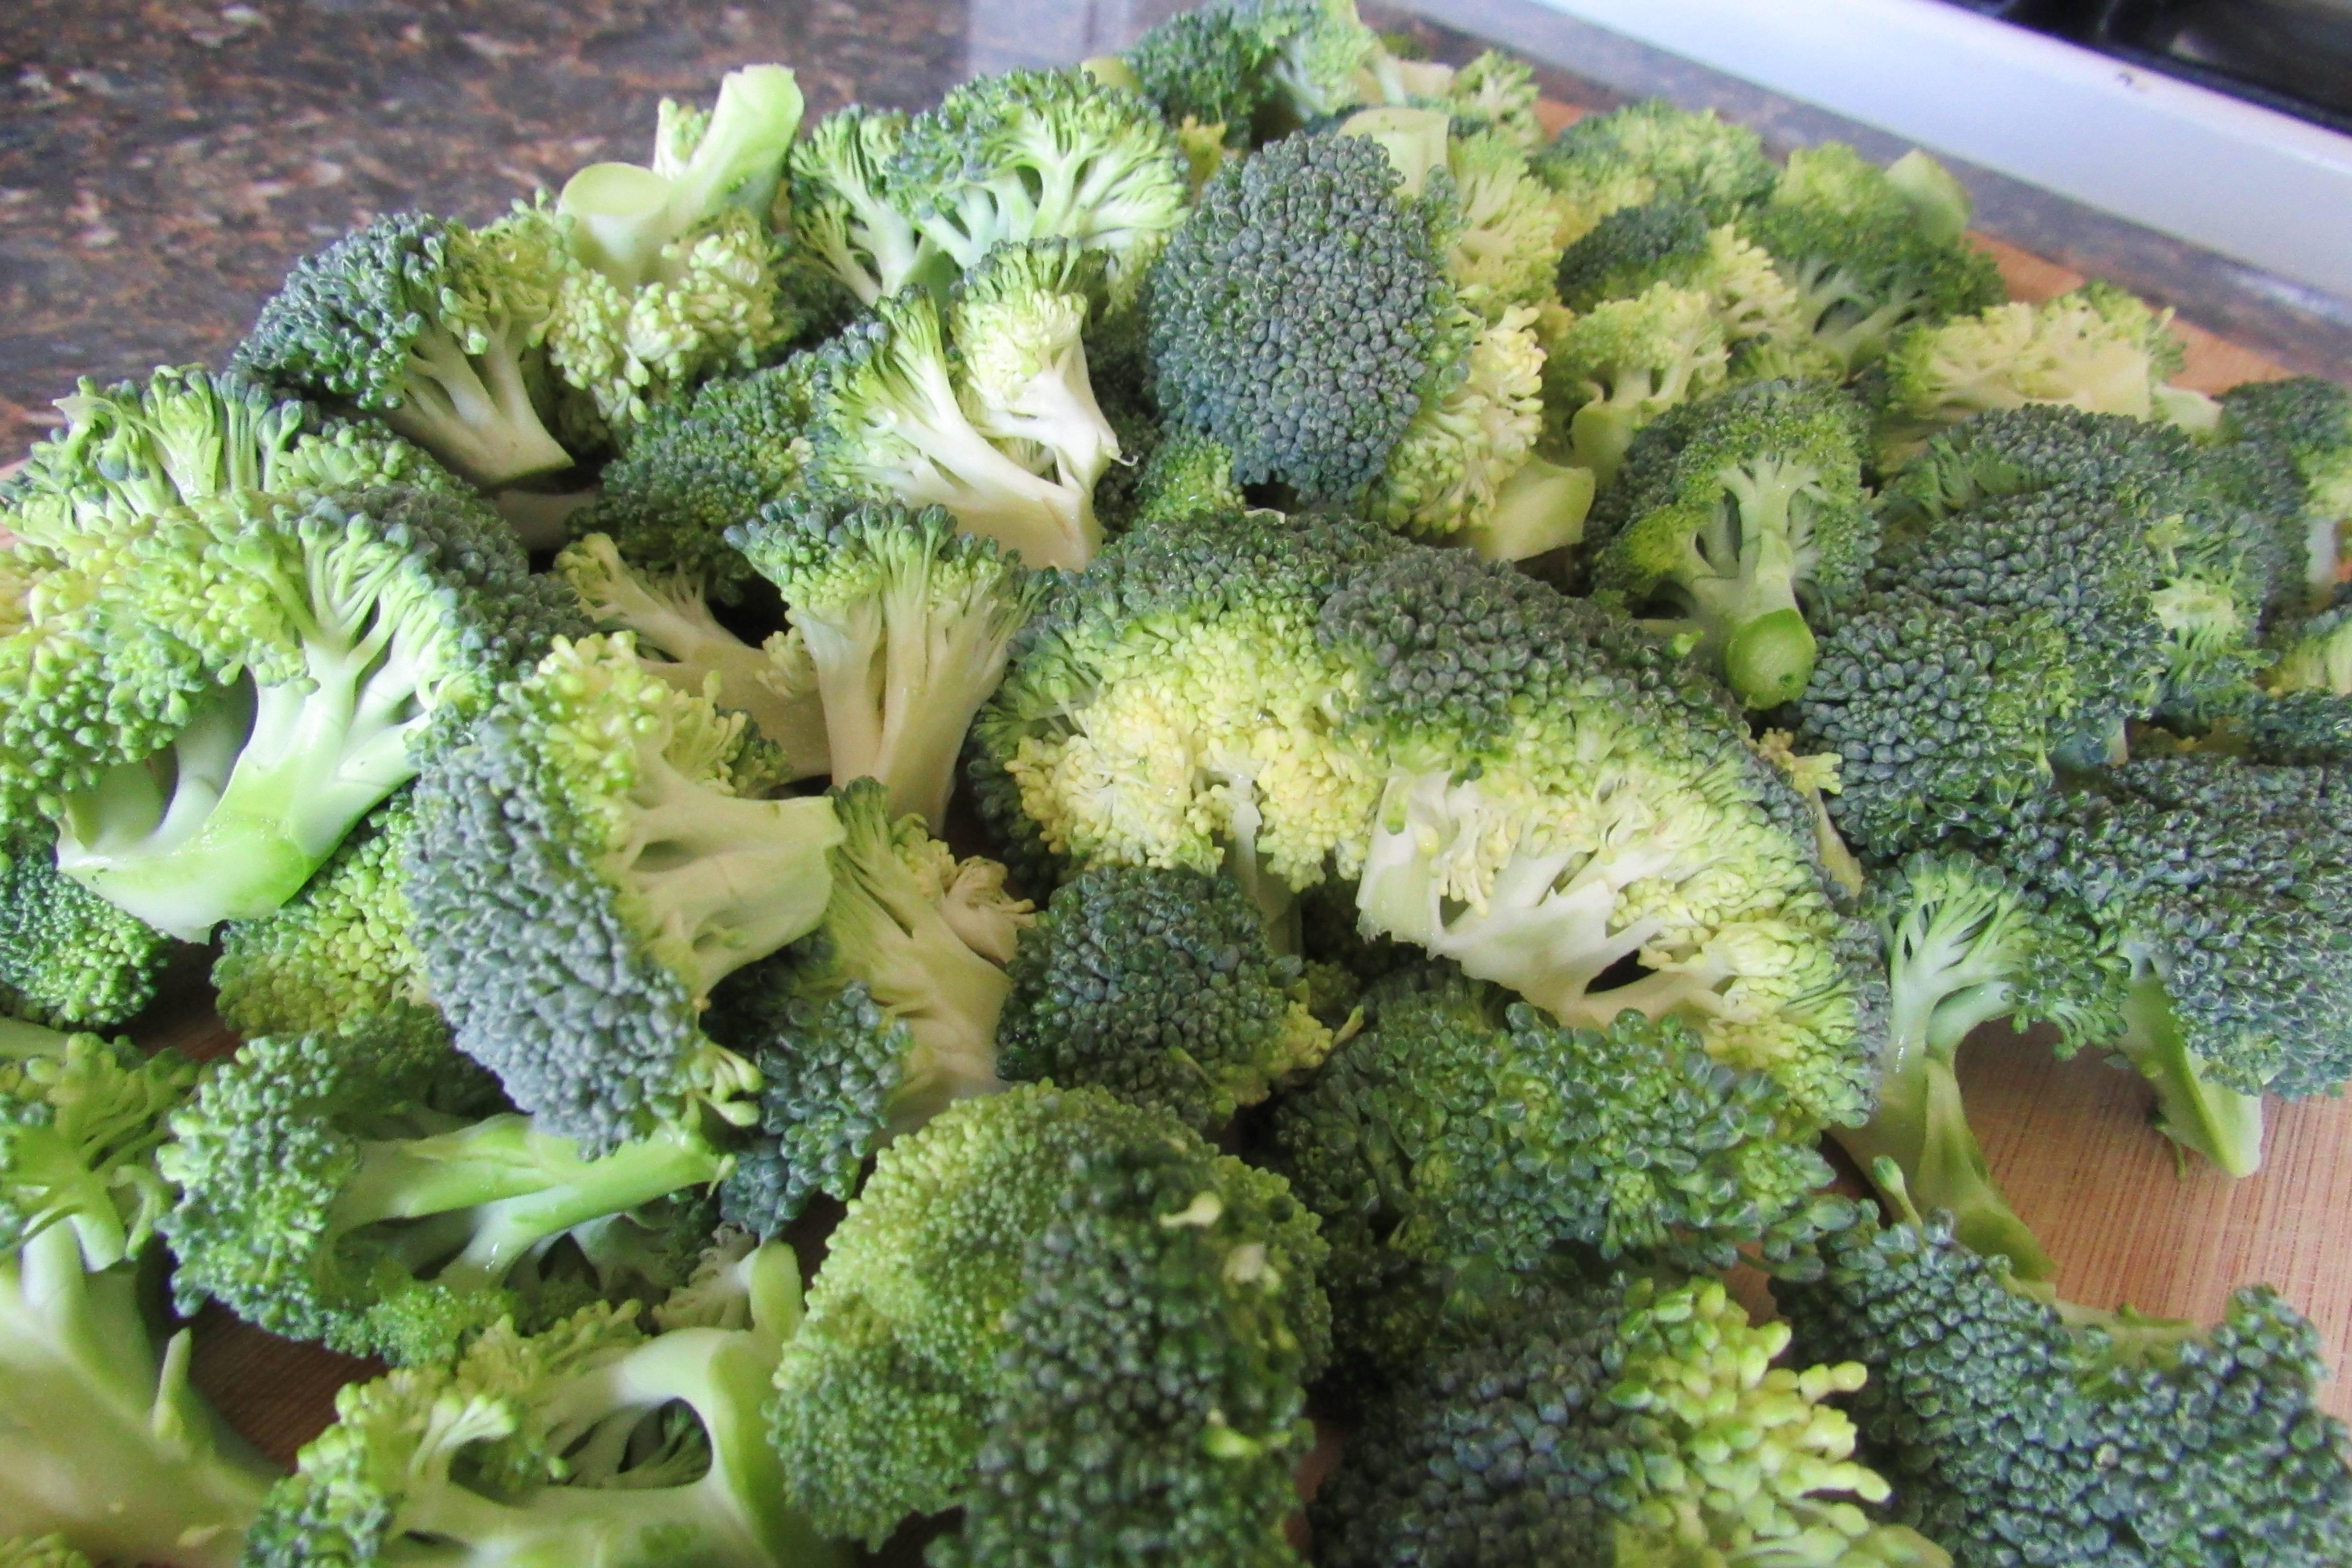 Брокколи для похудения: диета, рецепты приготовления блюд, отзывы и результаты, полезные свойства, меню